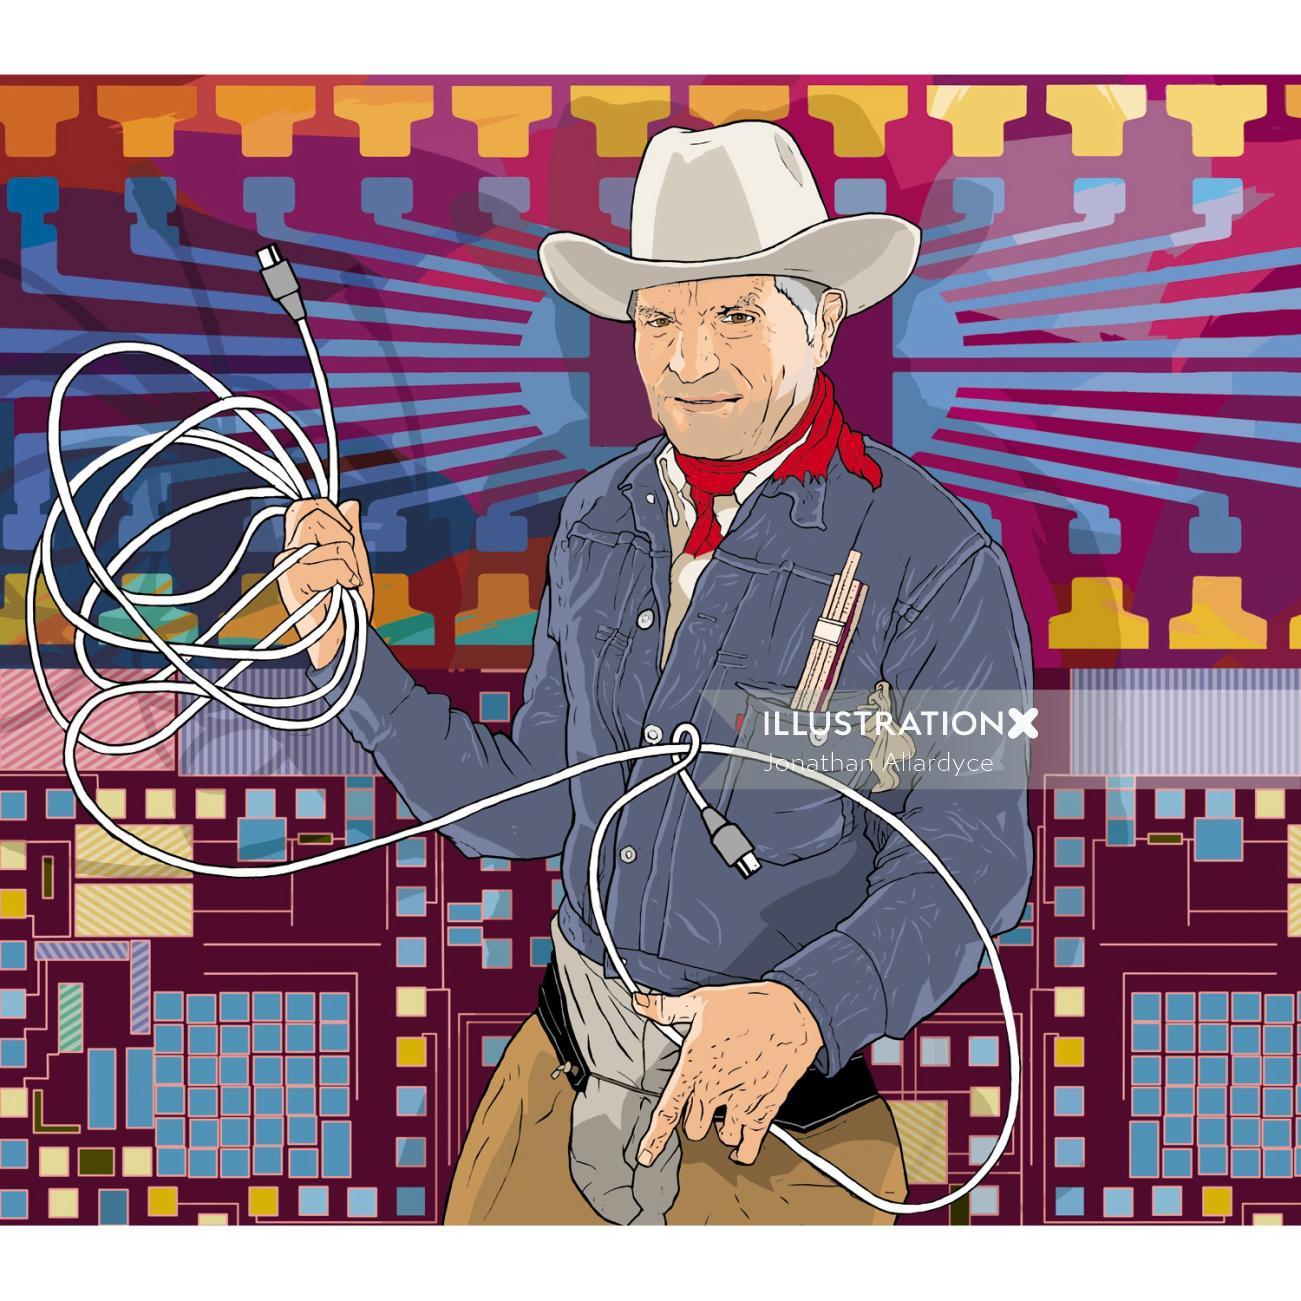 Craig Barrett as cowboy illustration